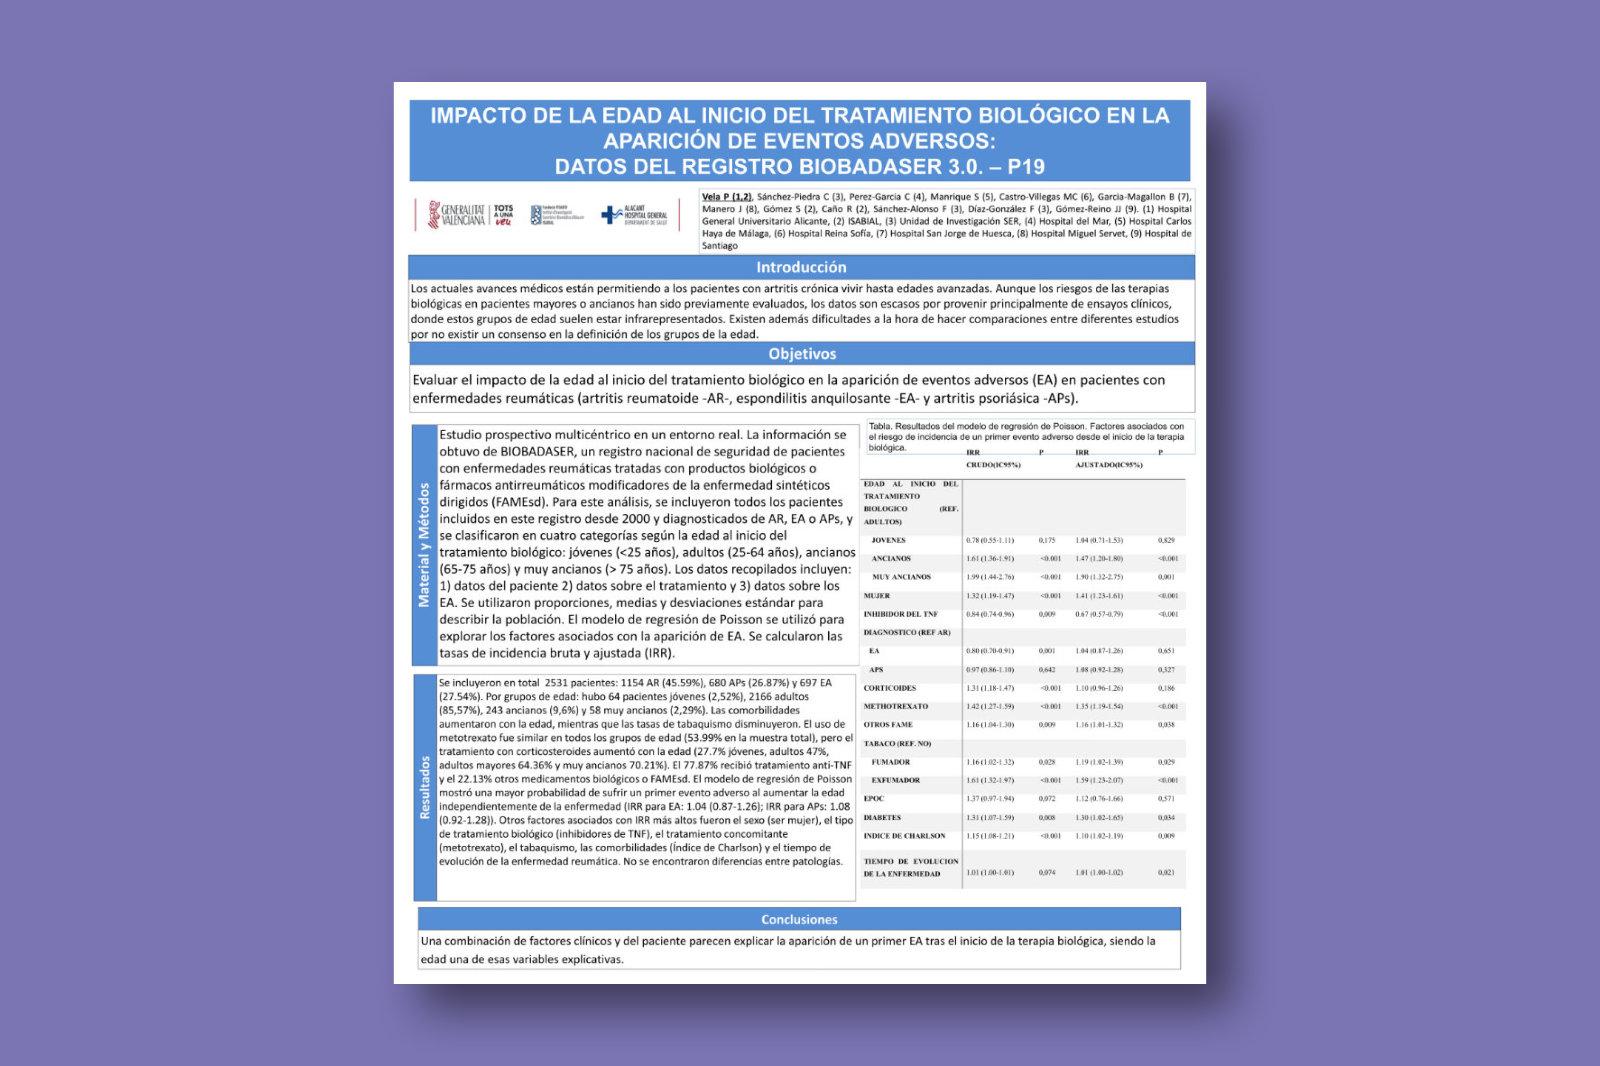 Impacto de la edad al inicio del tratamiento biológico en la aparición de eventos adversos: datos del registro BIOBADASER 3.0